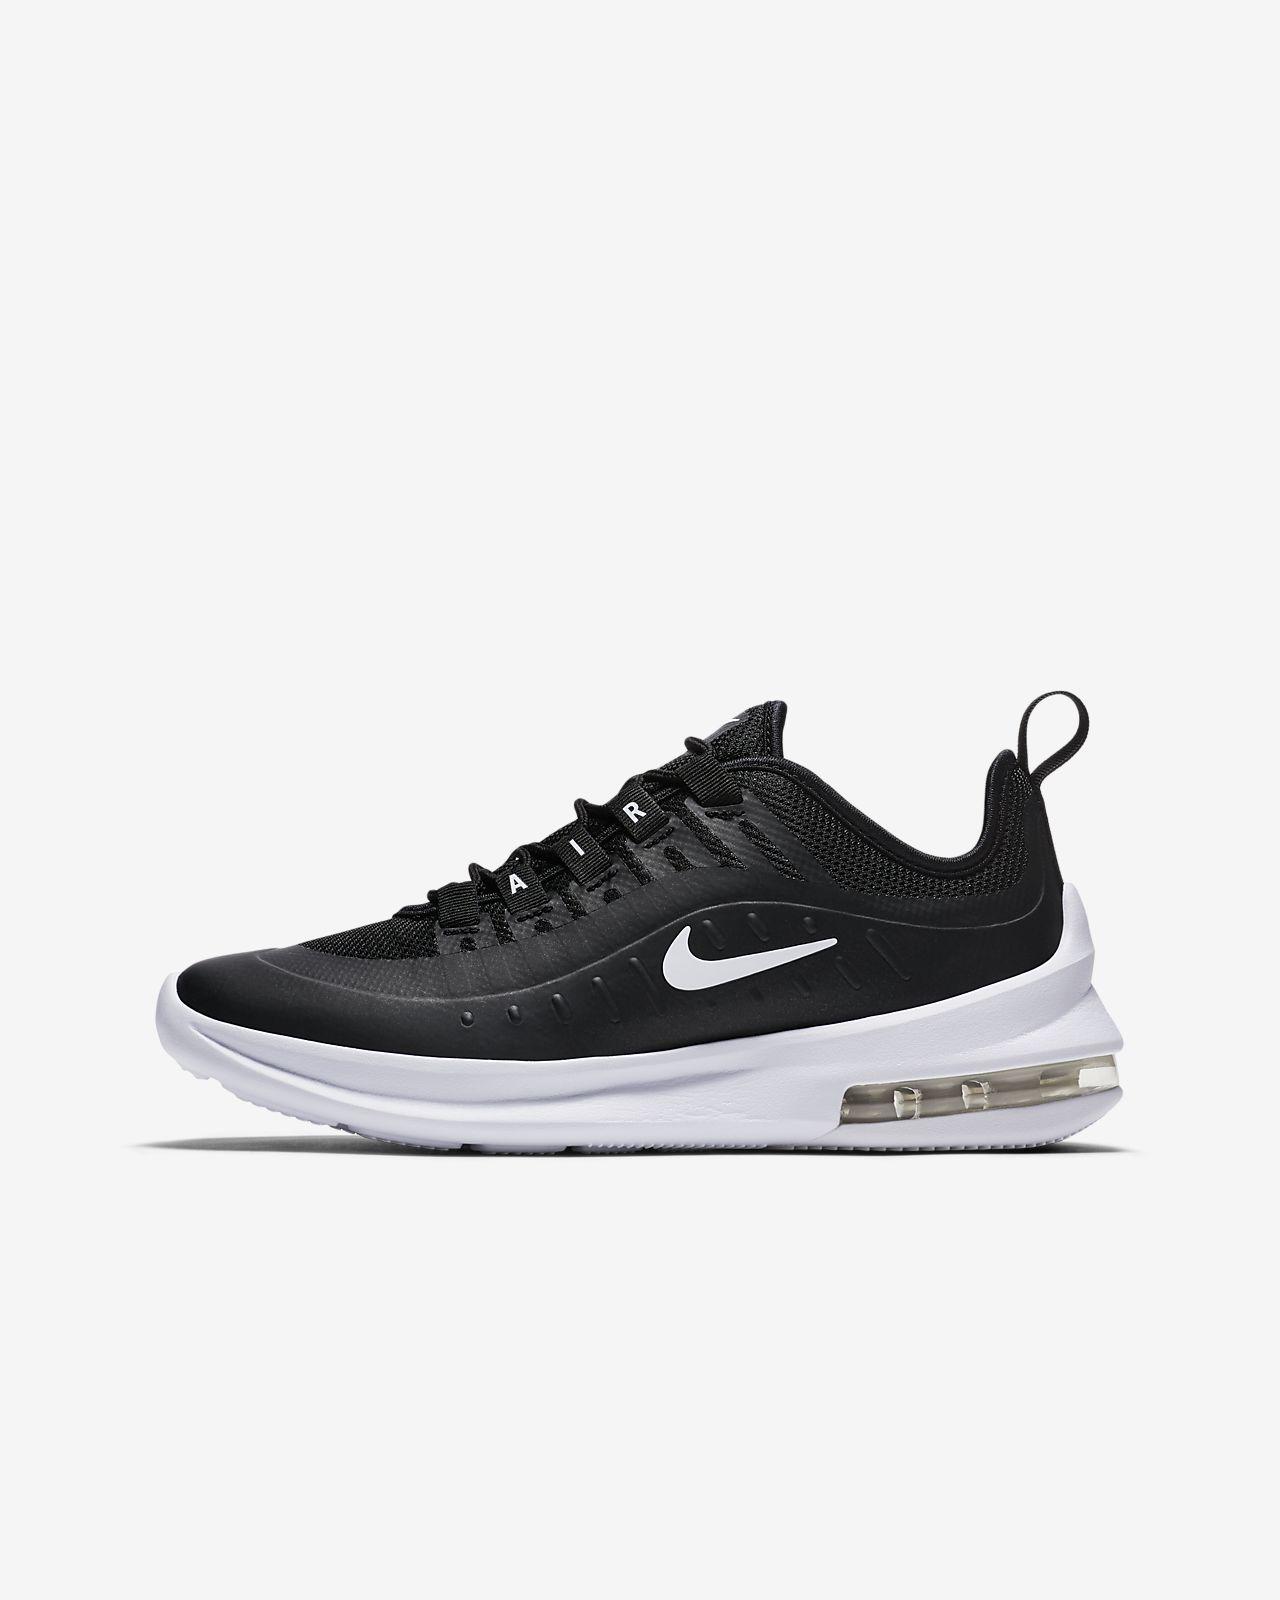 Nike baskets | Nike chaussures de tennis : Nike Air Max